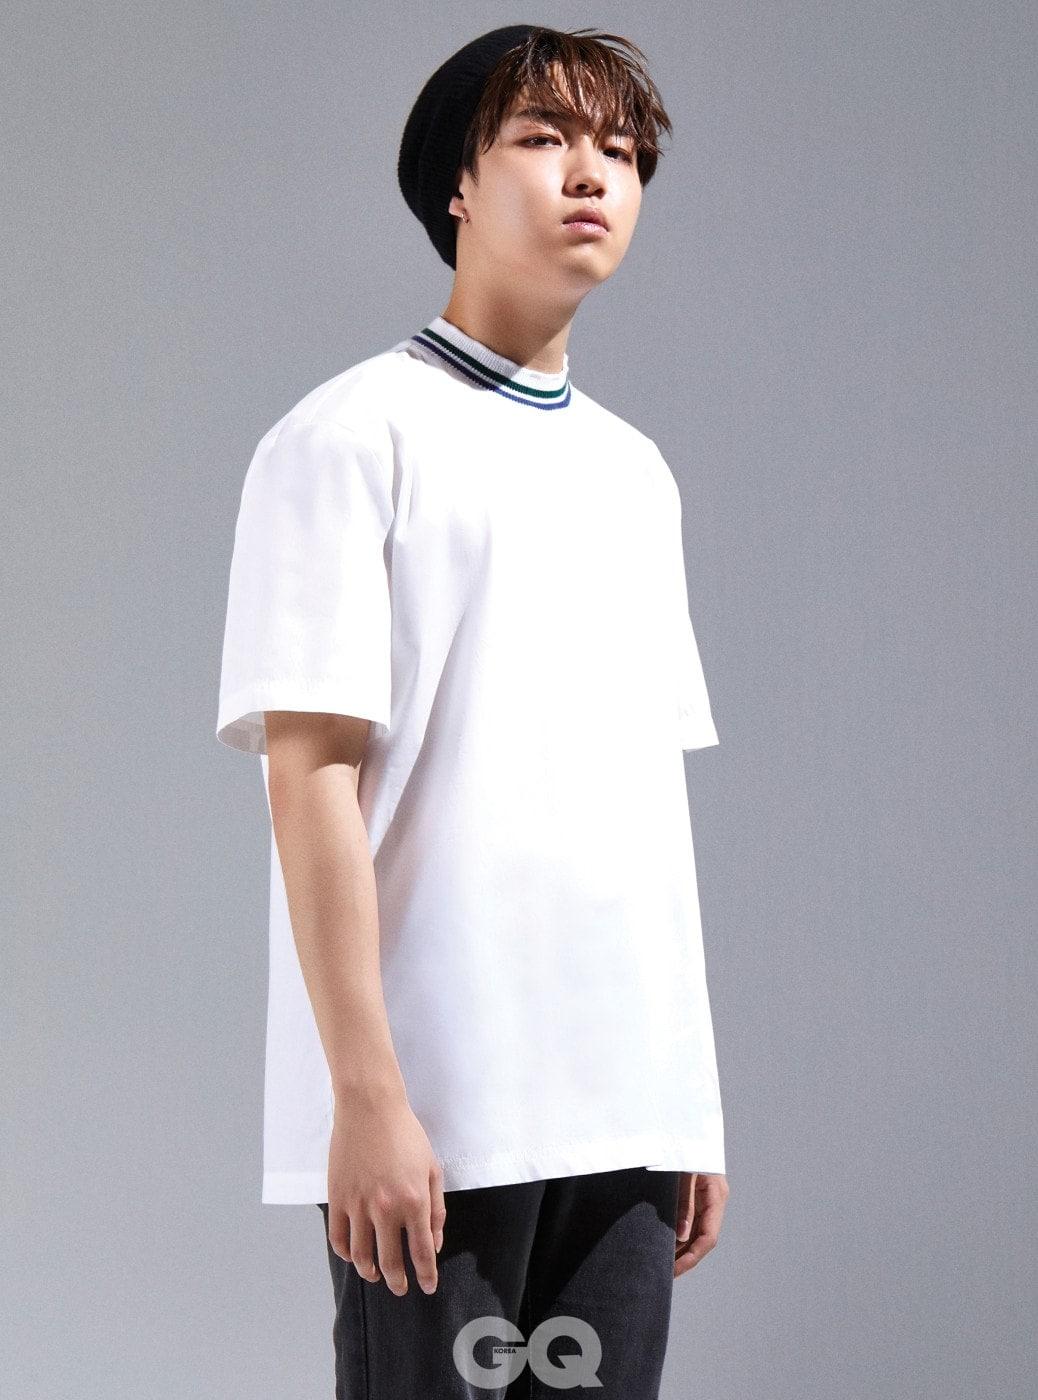 화이트 티셔츠, MSGM. 캐시미어 비니와 실버 링 귀고리는 빈티지 제품.